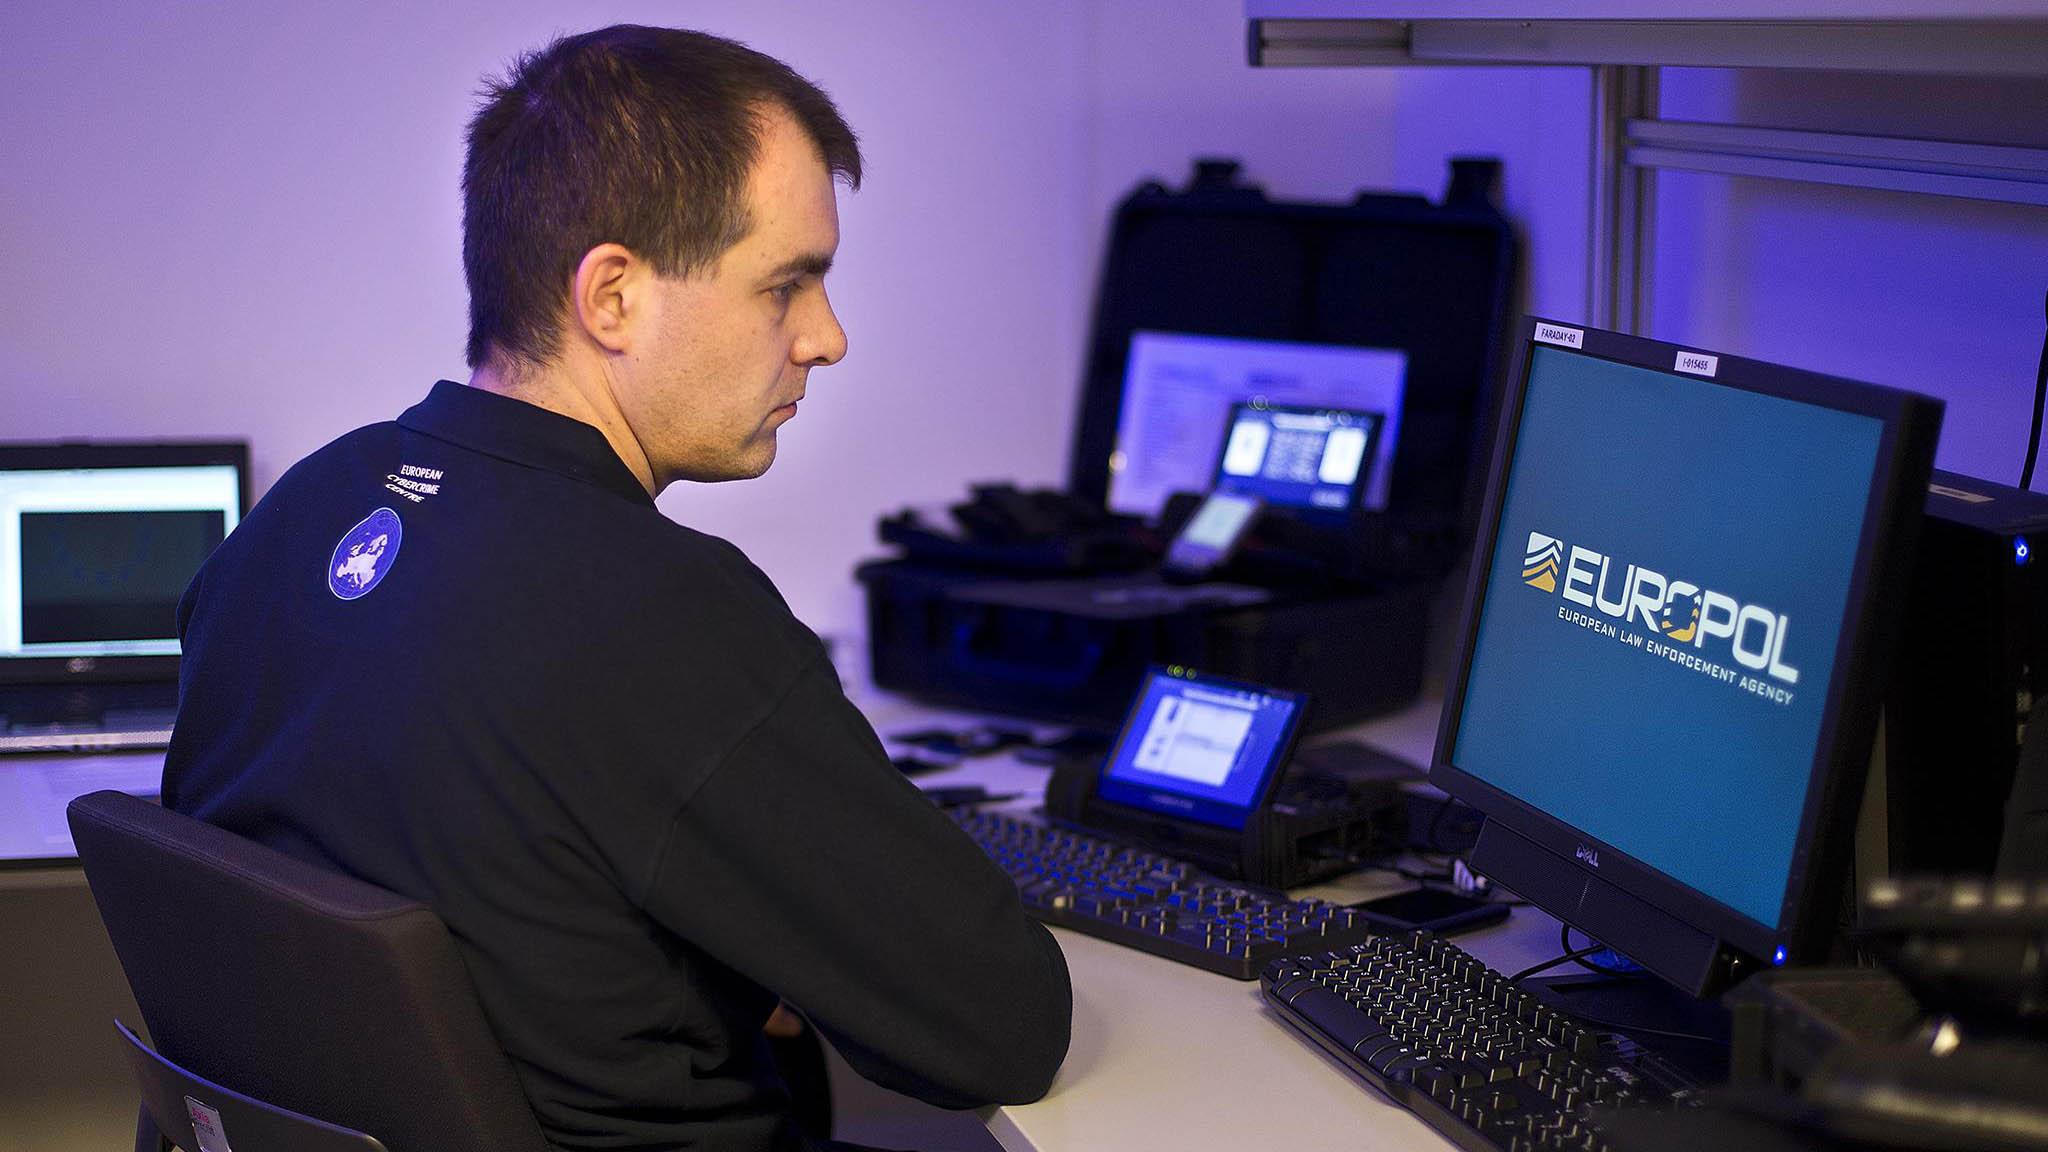 El FBI y el Departamento de Justicia estadounidense contaron con el apoyo de Europol para el despliegue del operativo